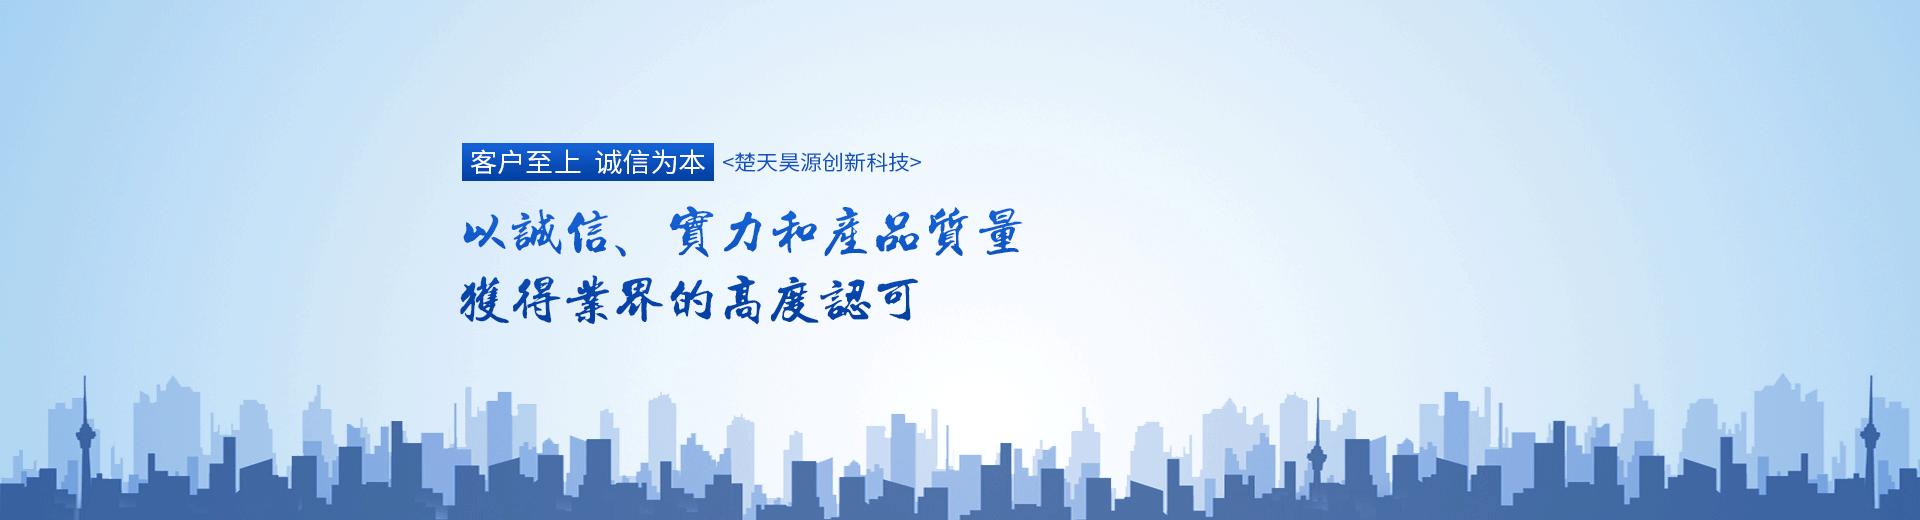 宜昌景区索道